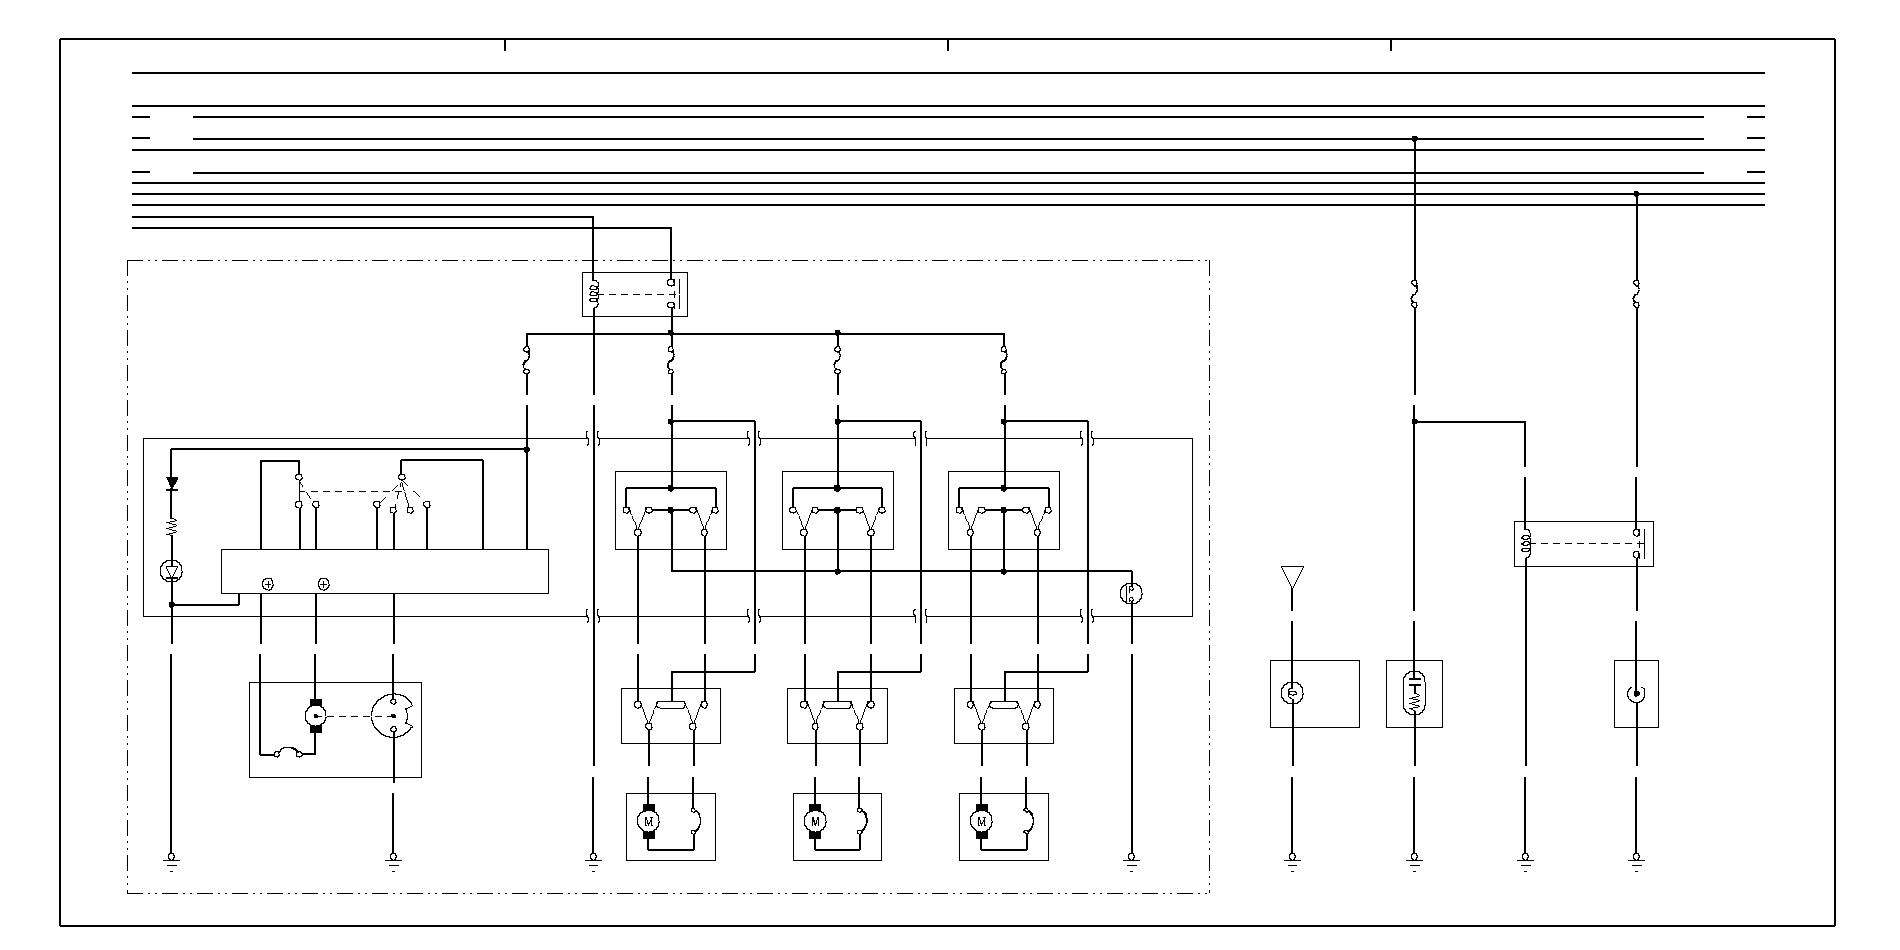 электрическая схема скм 24-2с